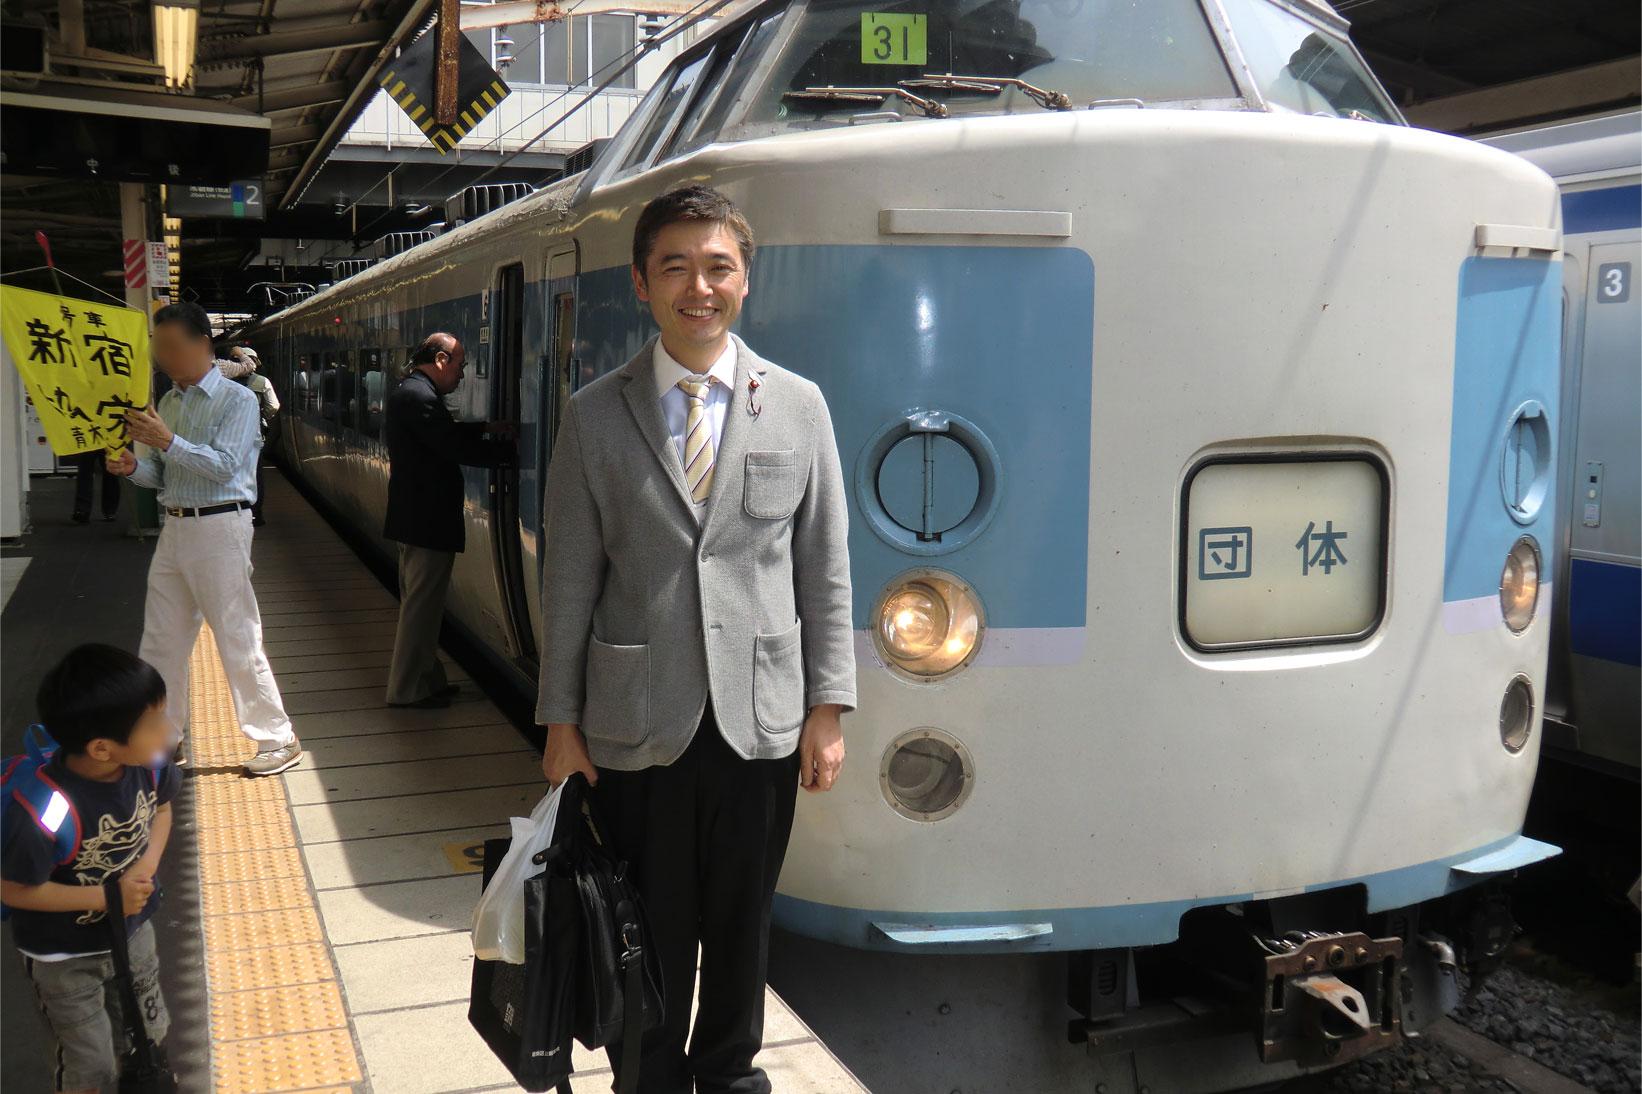 新金線体験ツアー初開催。喜びの笑顔!!松戸駅で。